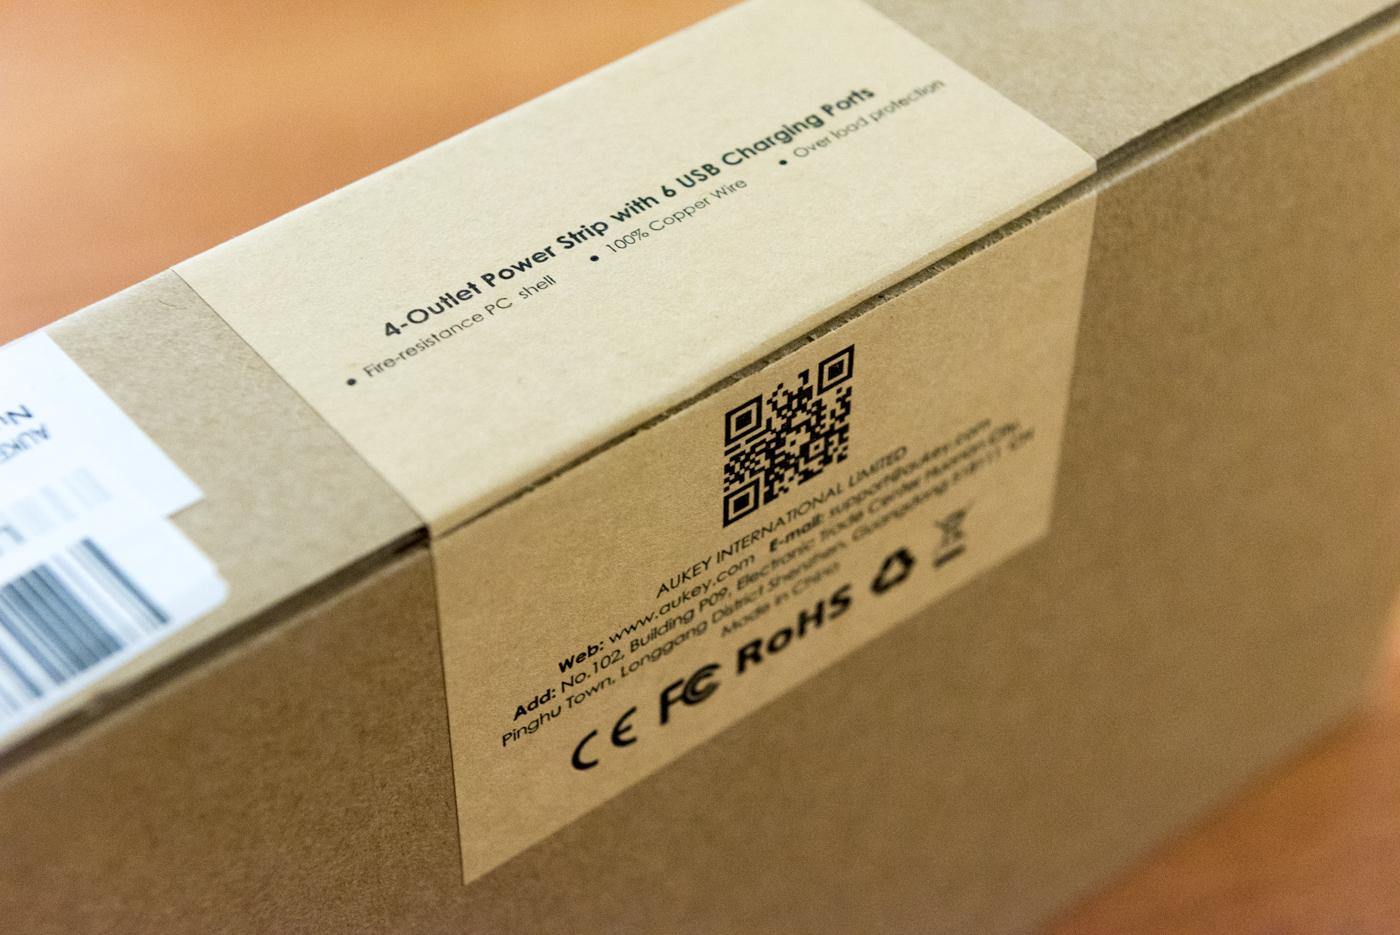 Ciabatta elettrica AUKEY PA S4 unboxing